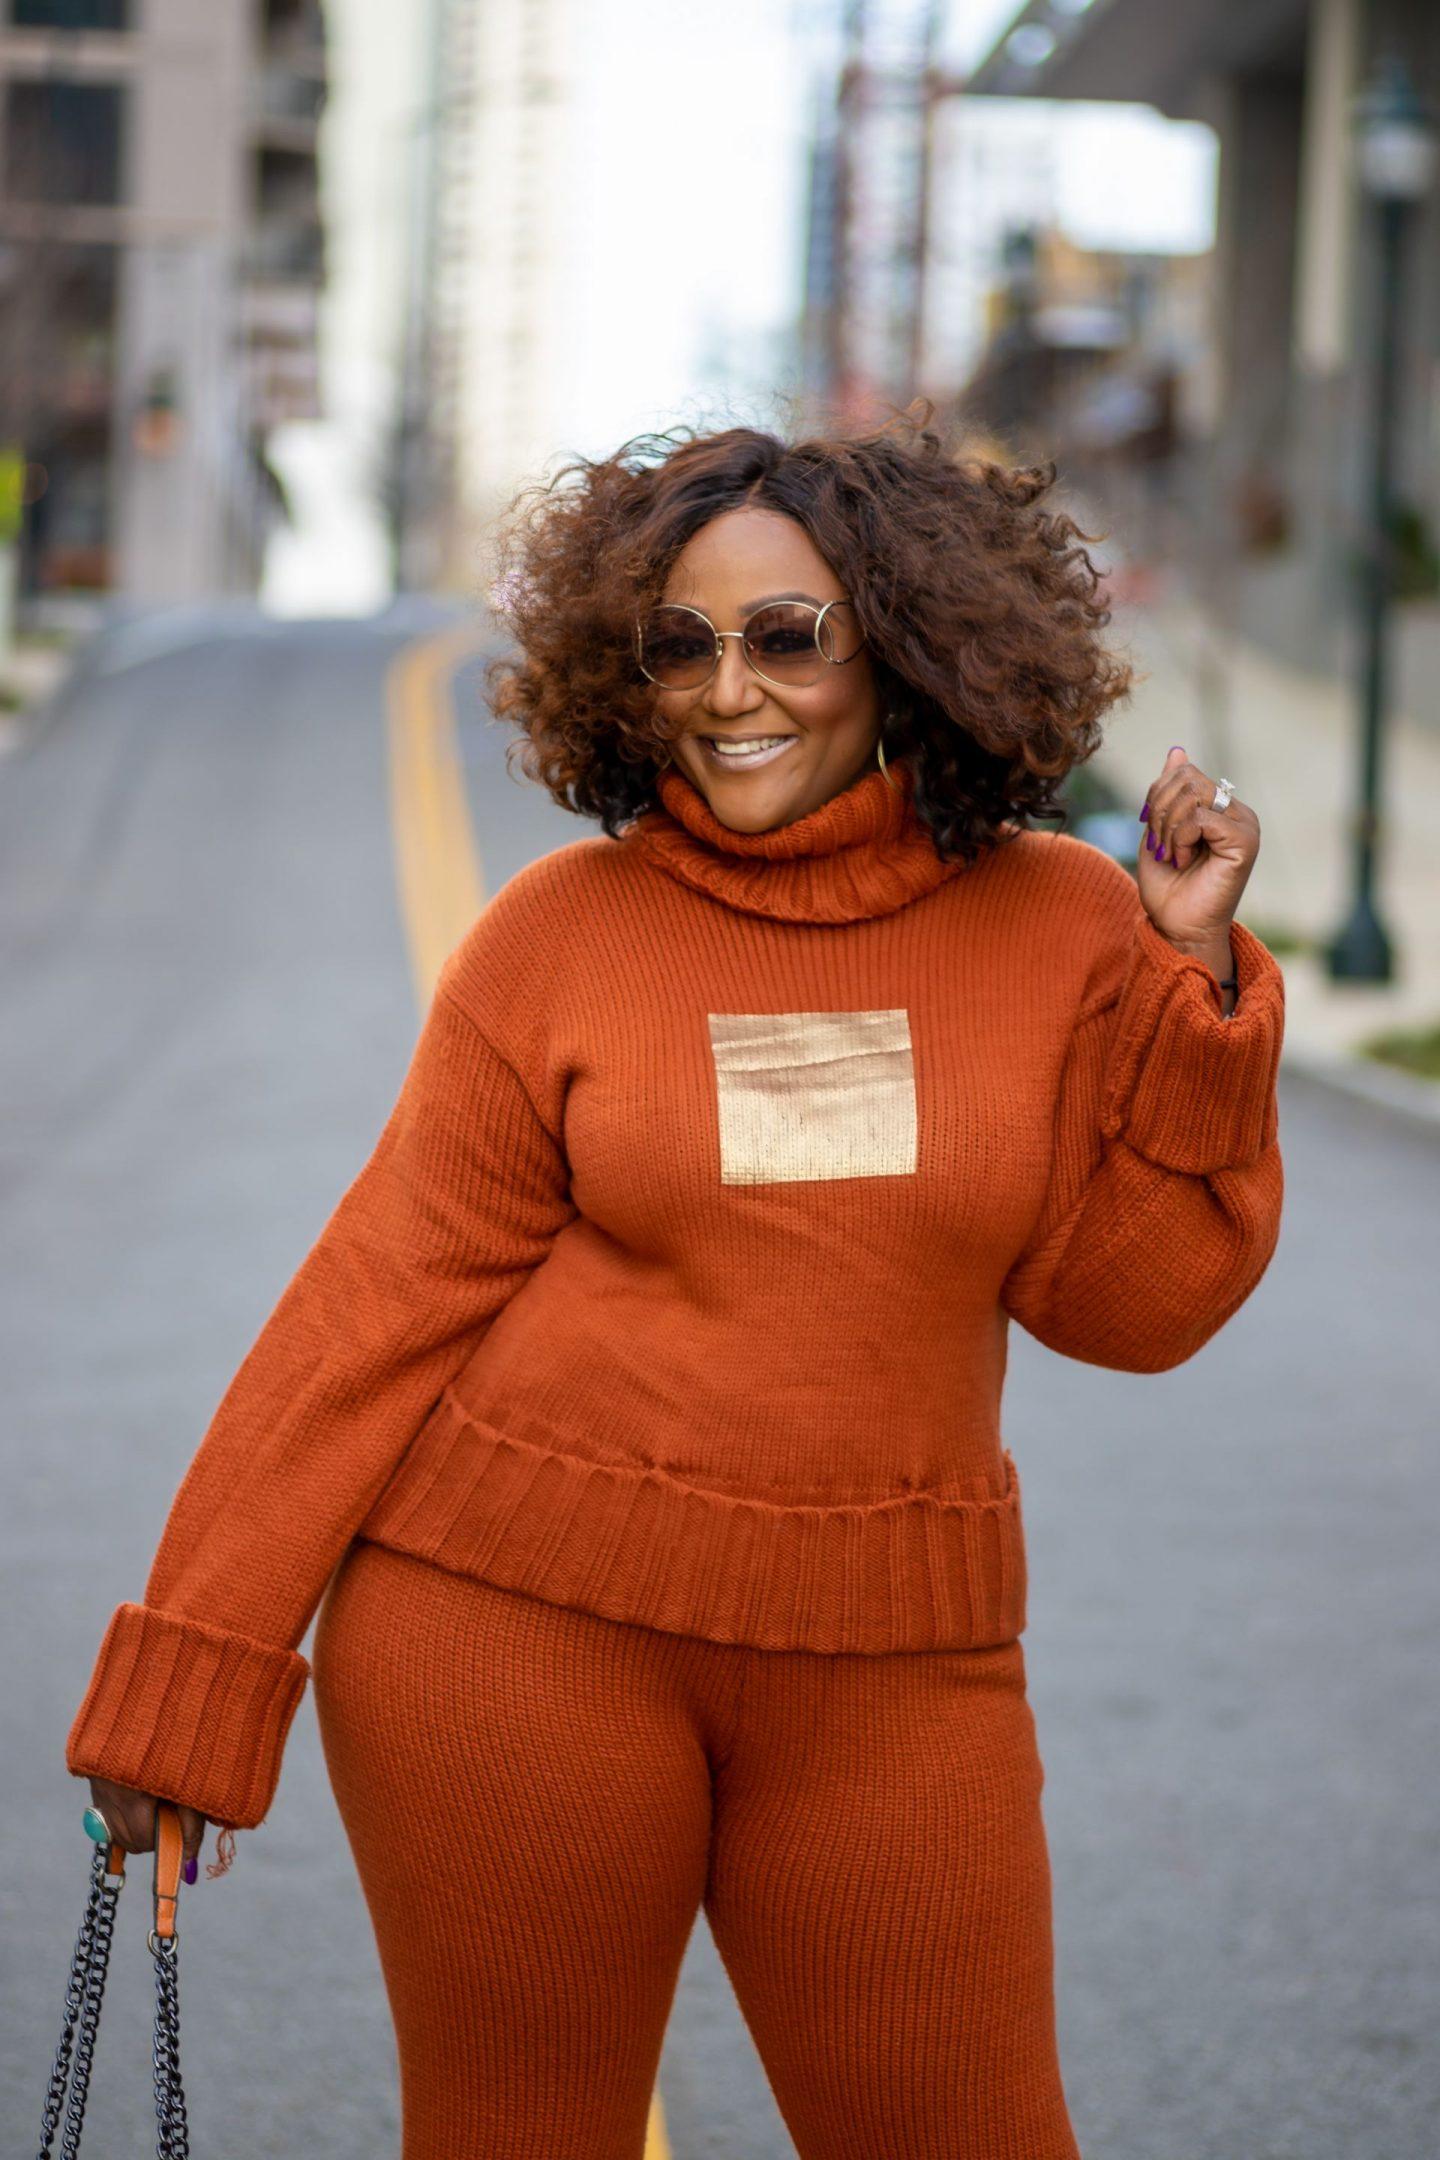 Black woman standing in street wearing orange sweater